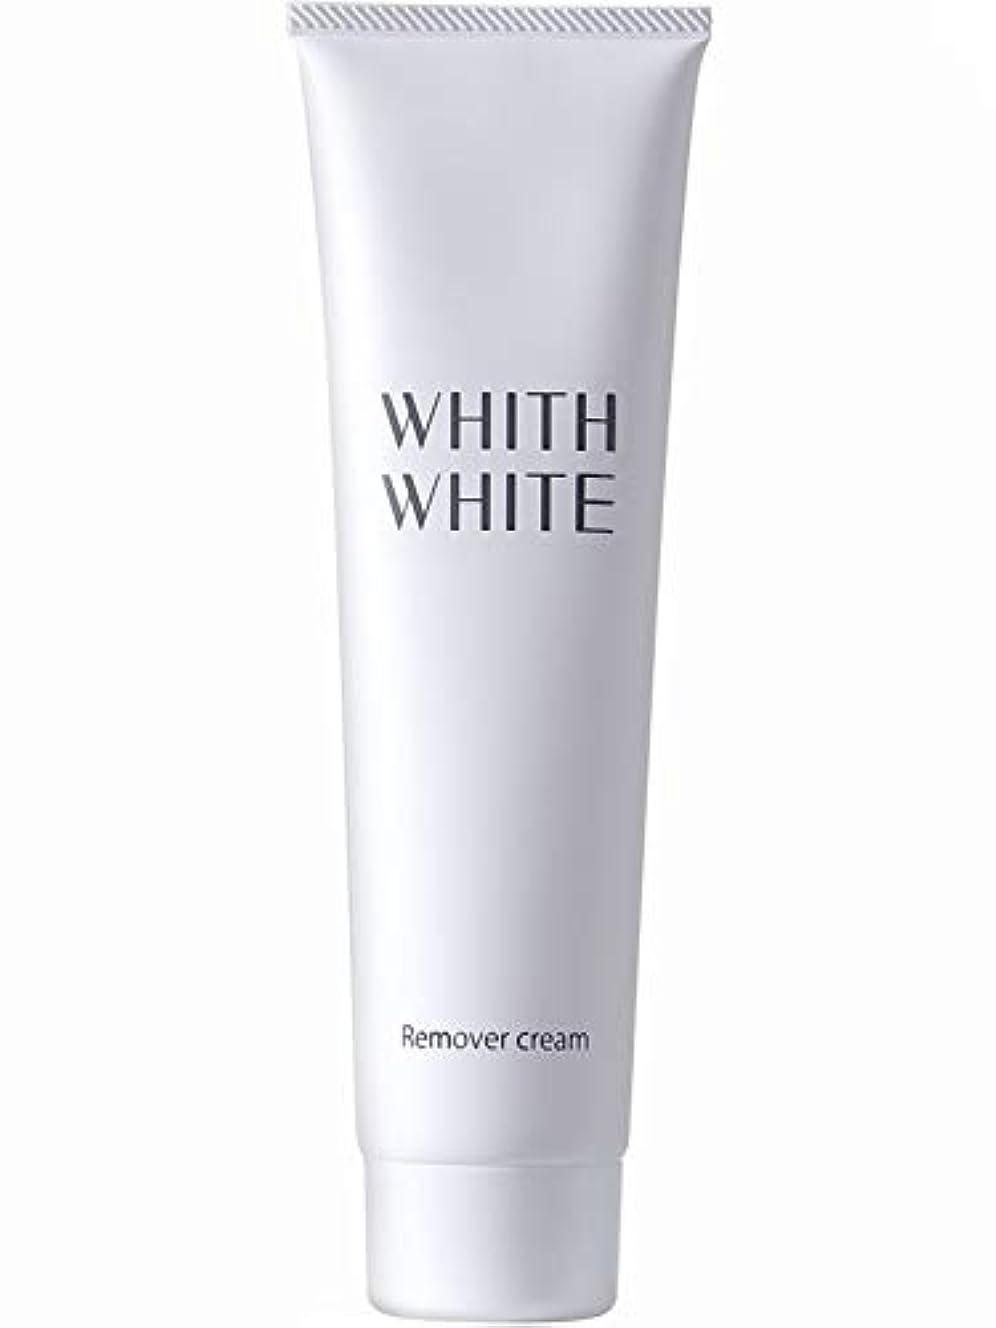 系譜誓約バイバイ【医薬部外品】 WHITH WHITE(フィス ホワイト) 除毛クリーム 150g 陰部 使用可能